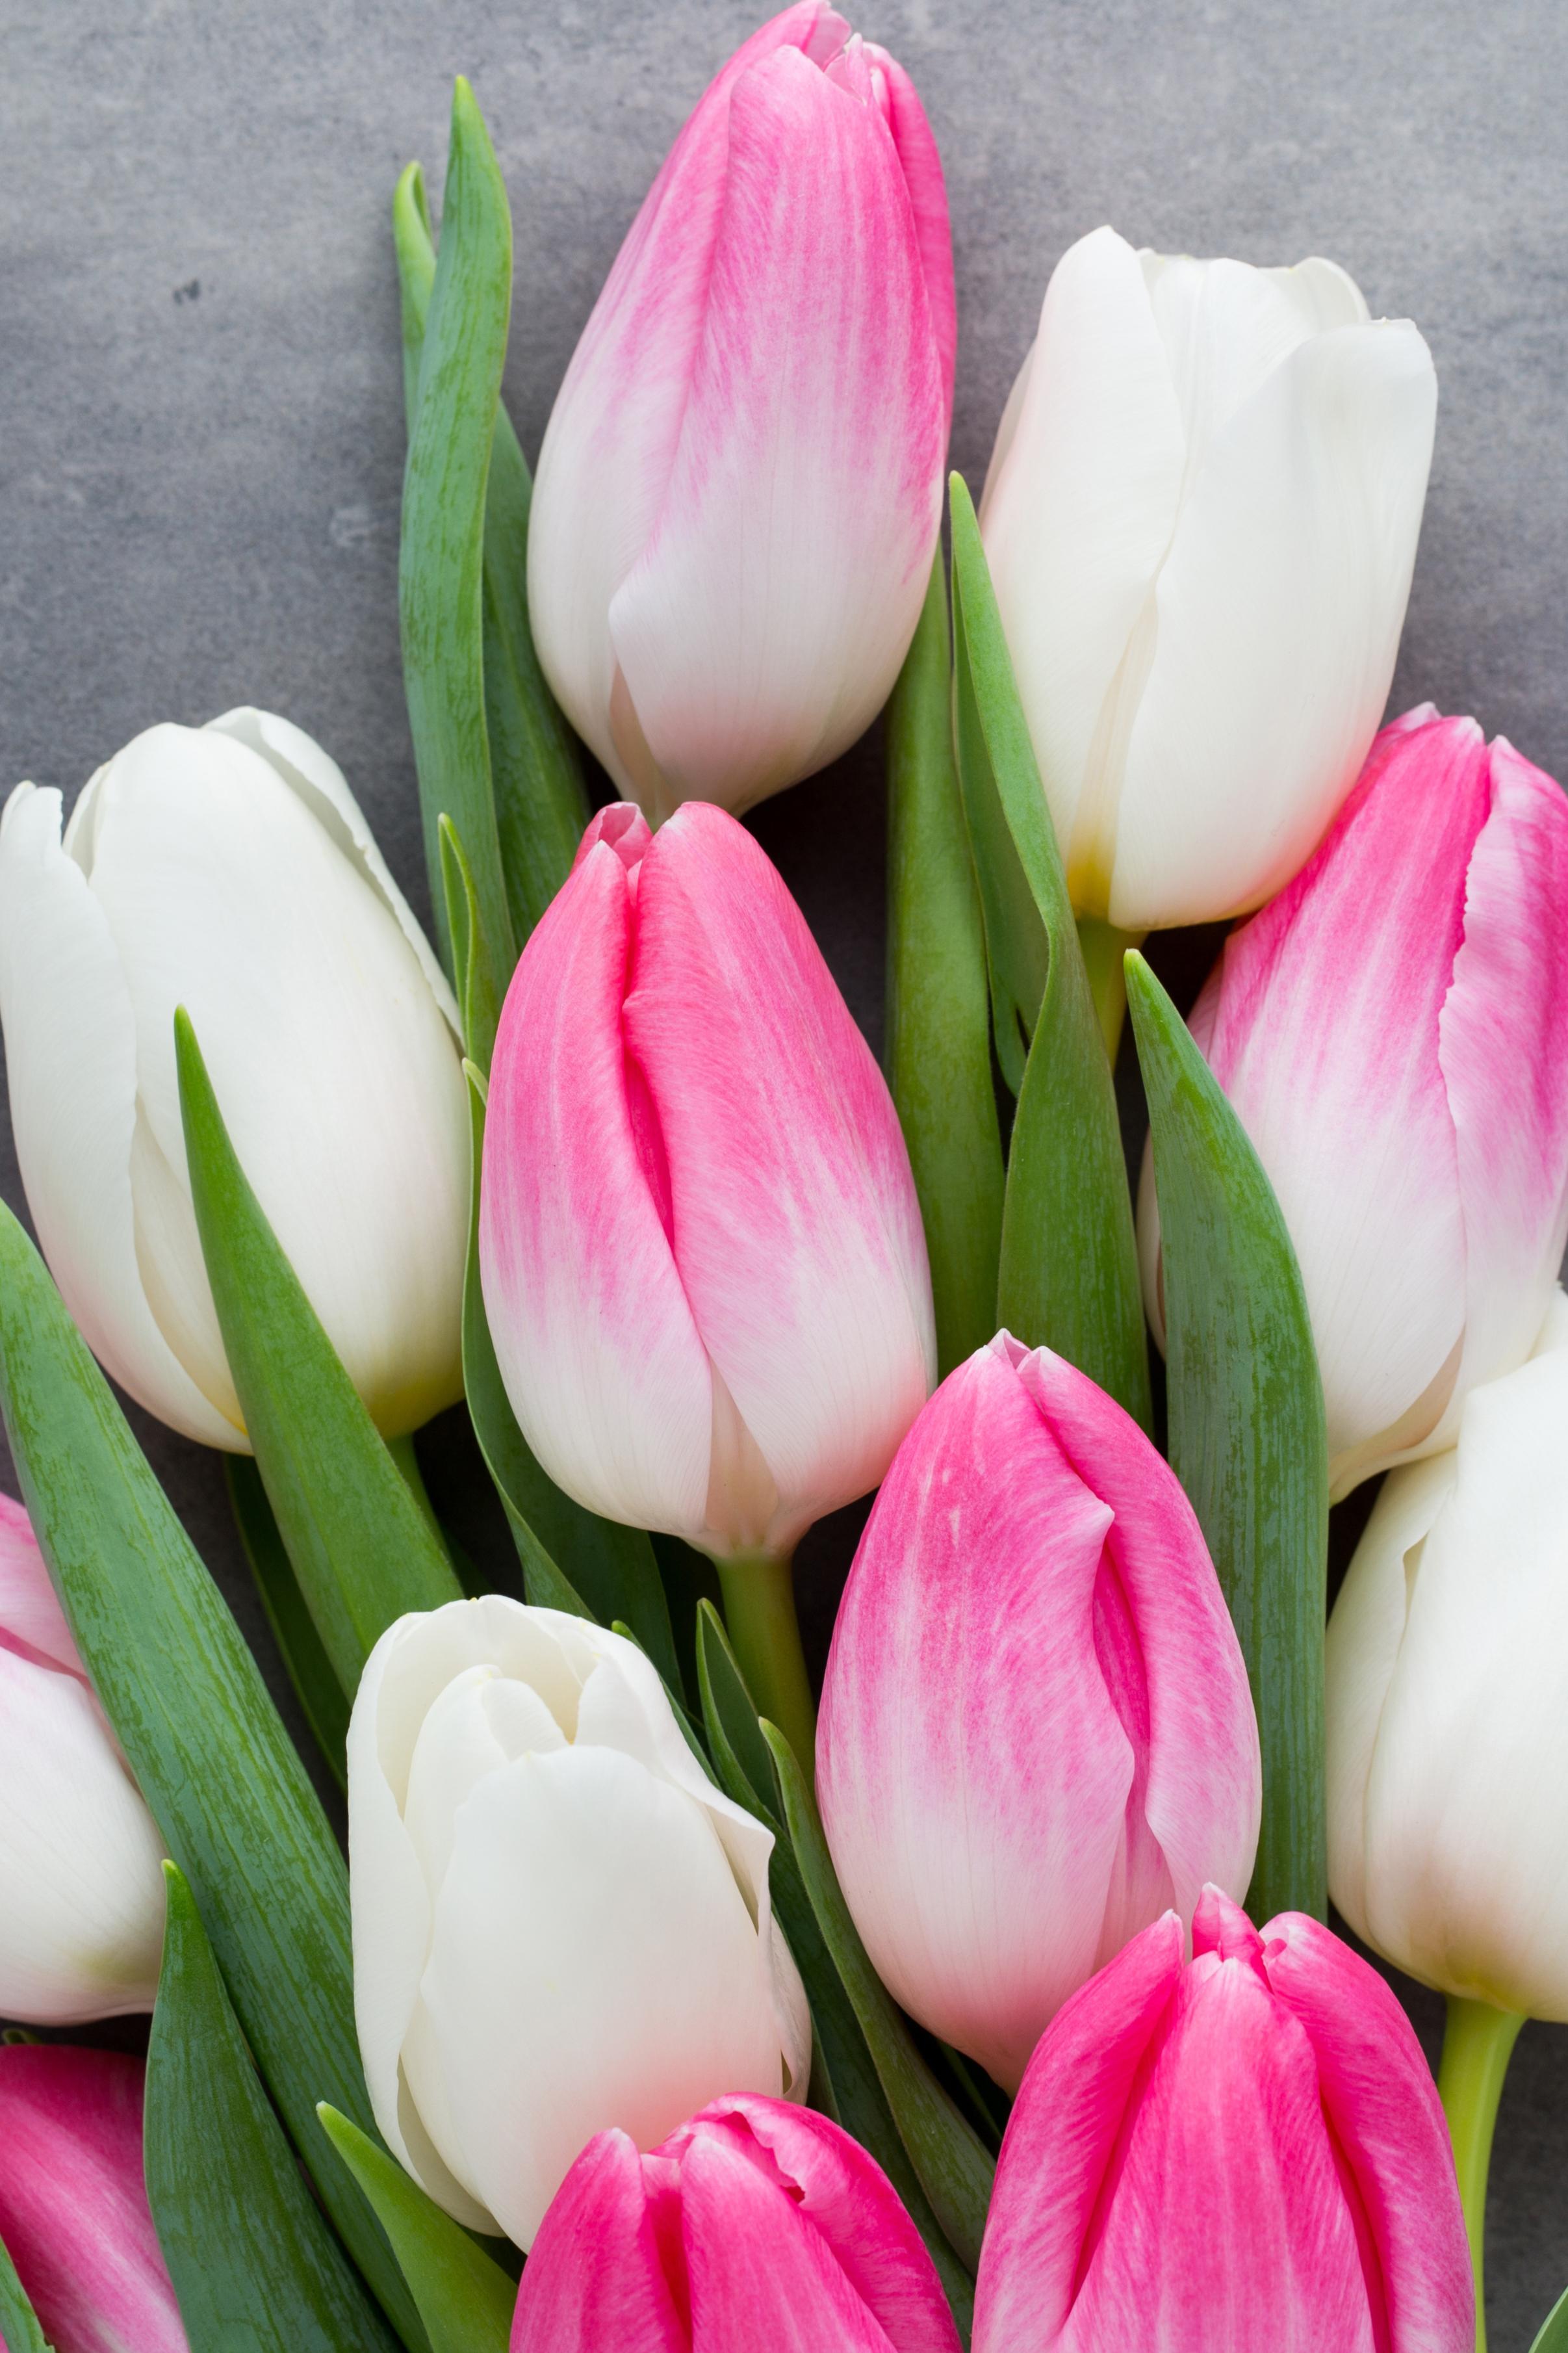 tulip-photo-73